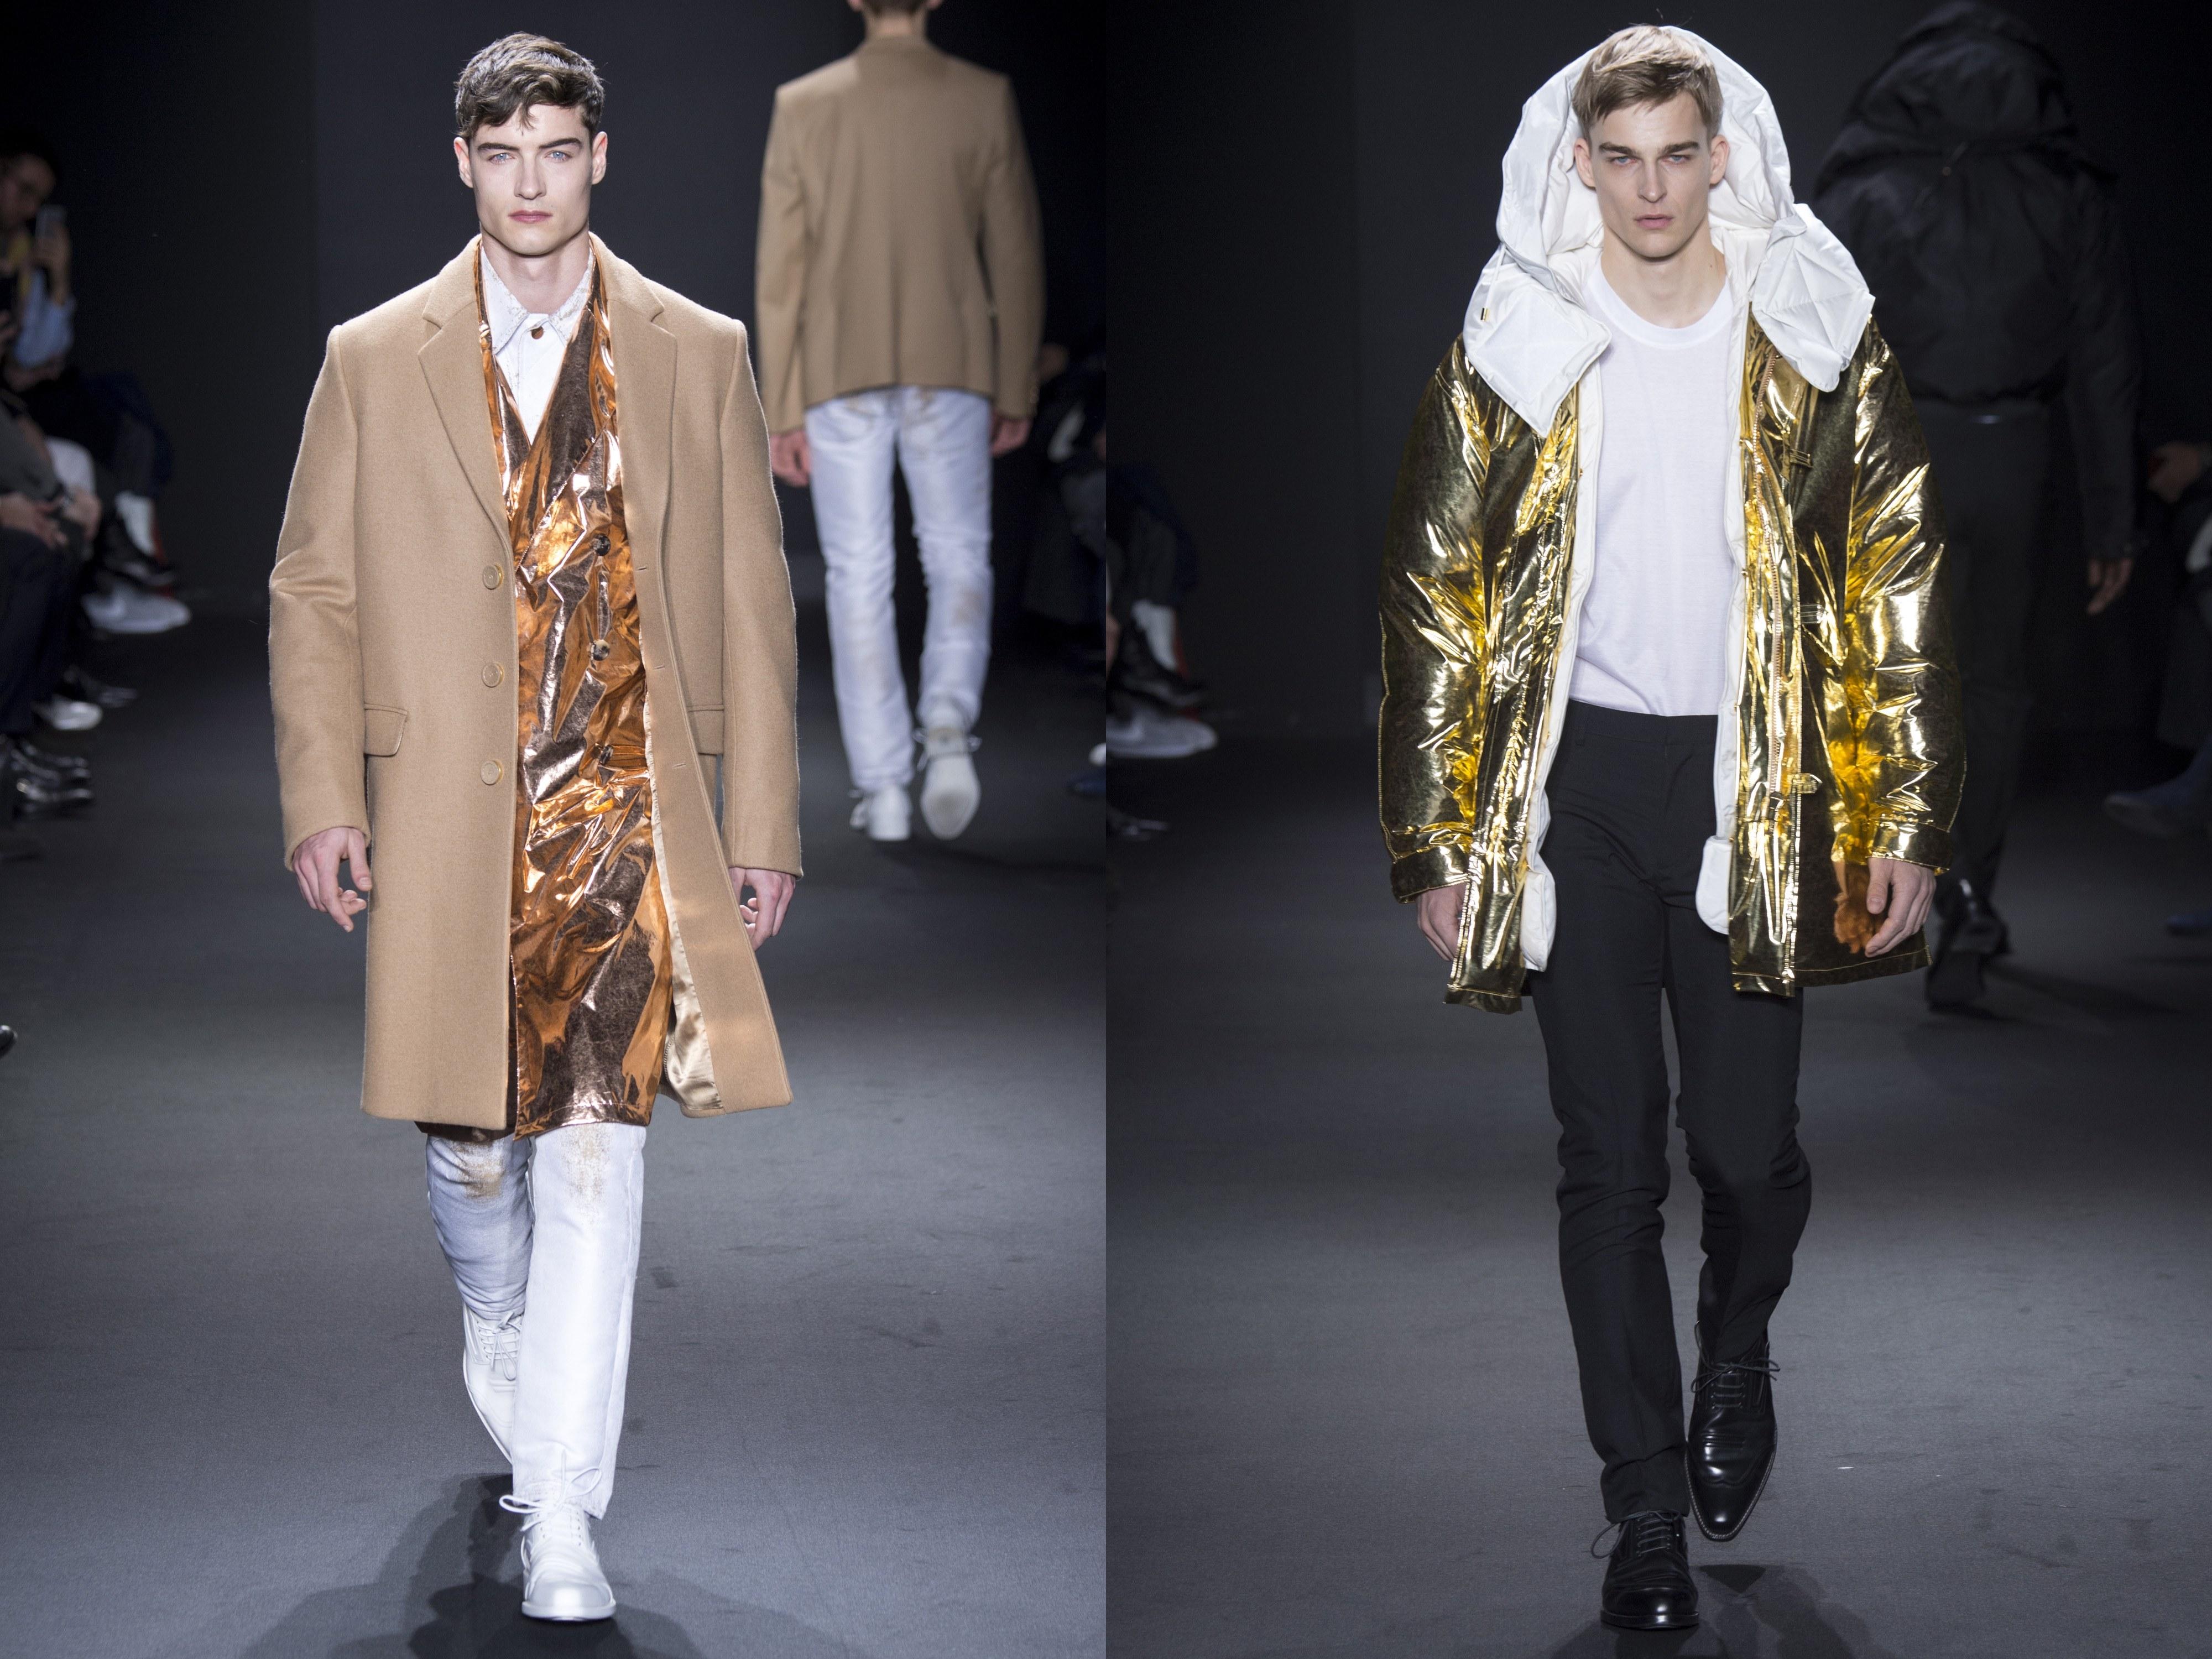 hit, passarela, tendencia masculina, moda masculina, blogger, fashion blogger, blogueiro de moda, alex cursino, richard brito, blogueiro de moda, dicas de moda, tendencia masculina,  (1)